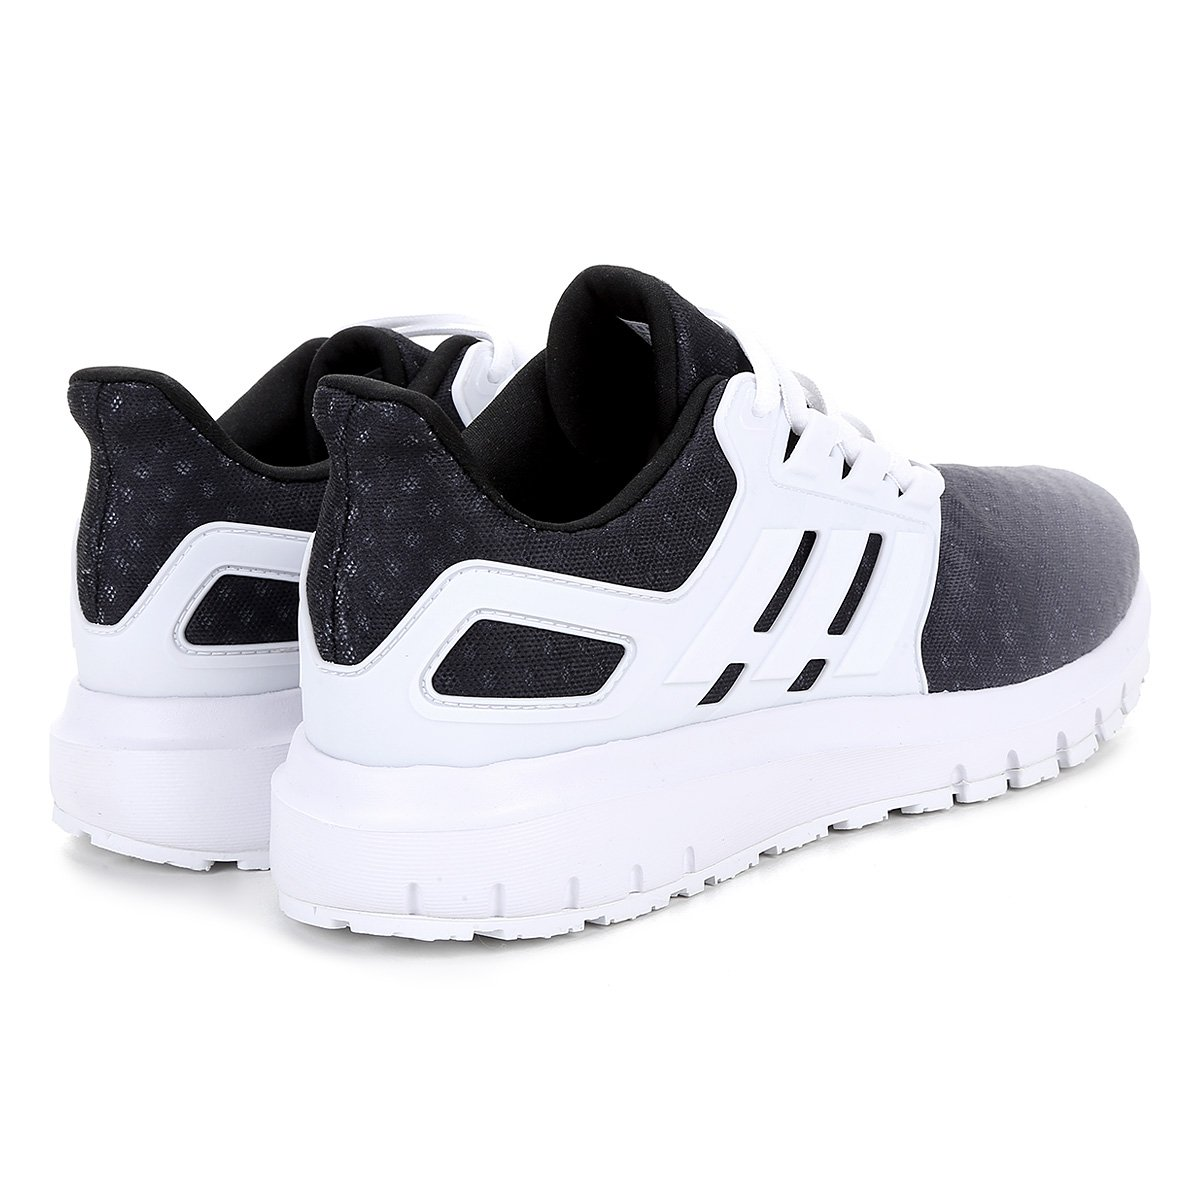 Tênis Adidas Energy Cloud 2 Masculino - Branco e Preto - Compre ... 110557ce60906